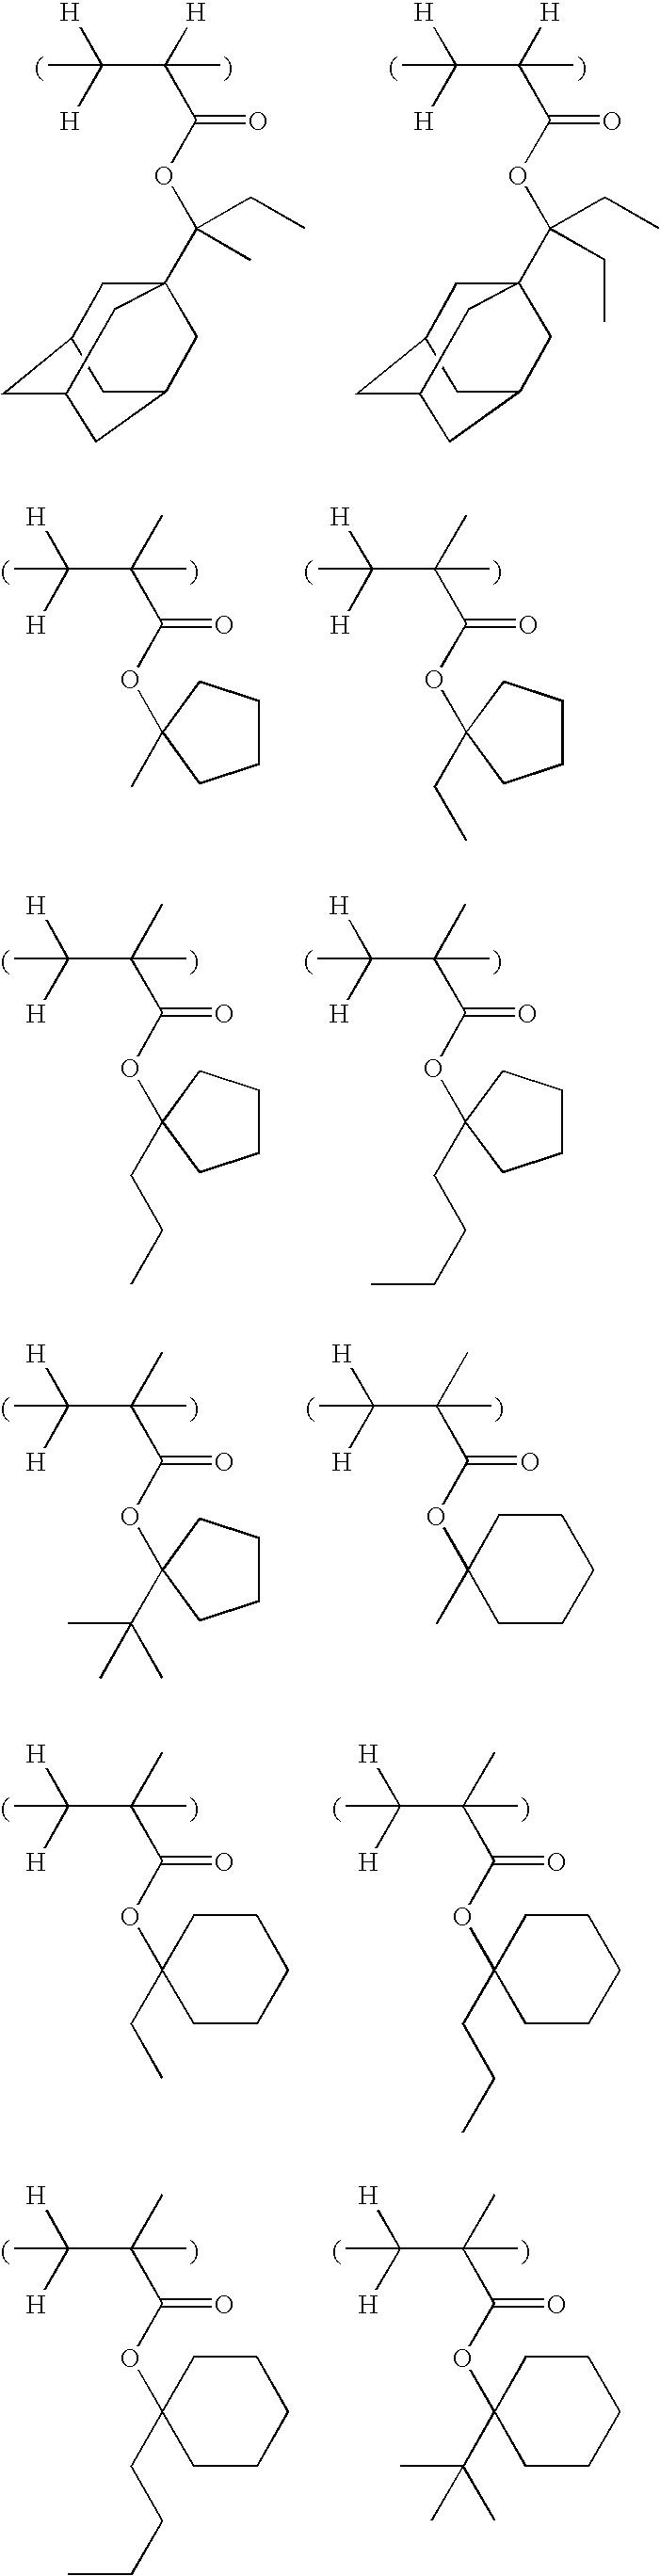 Figure US20090011365A1-20090108-C00061